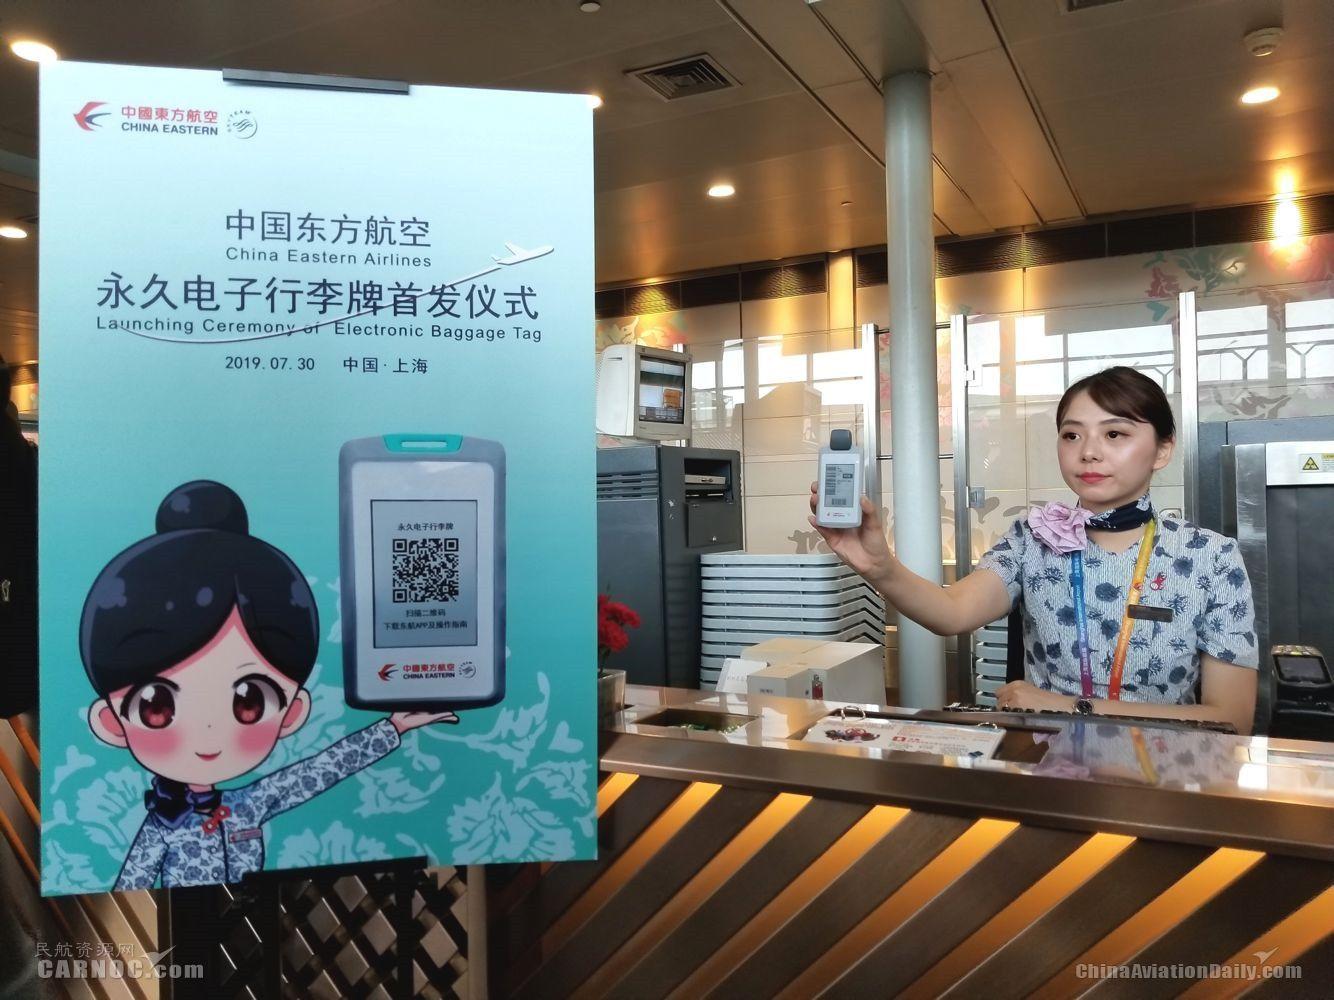 东航无源型永久电子行李牌正式交付启用                 摄影:张境峰